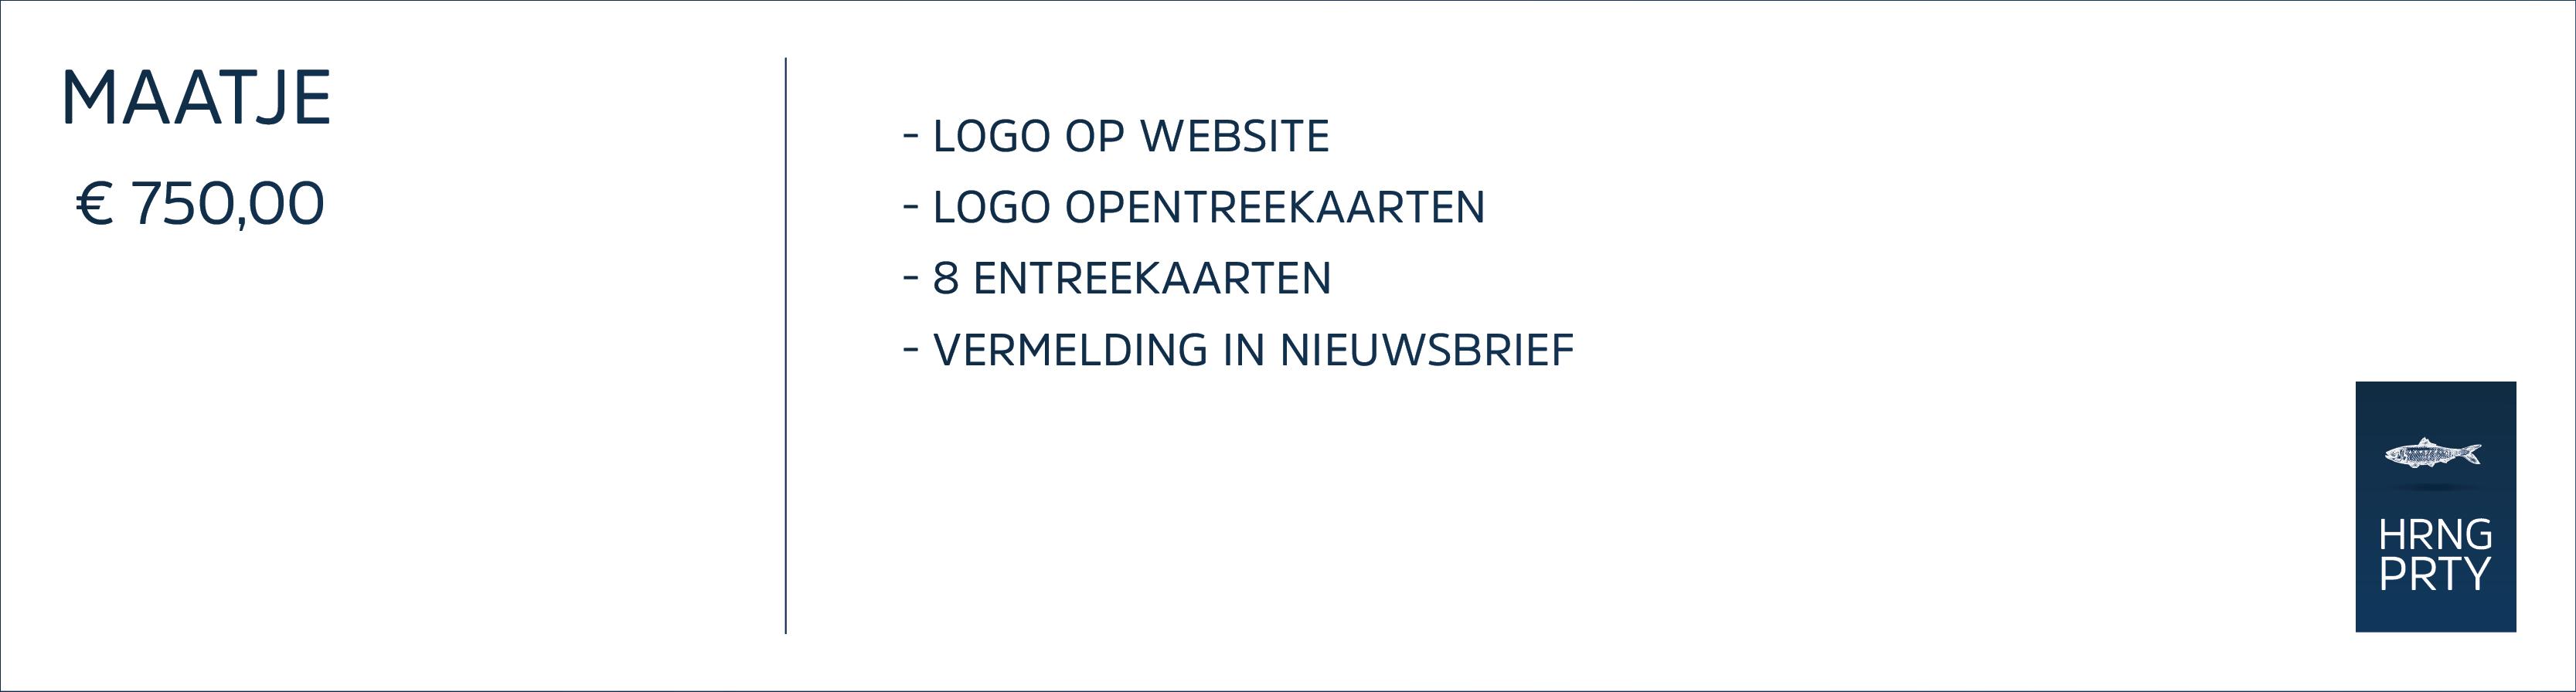 Sponsorpakket Maatje BosscheHaringParty